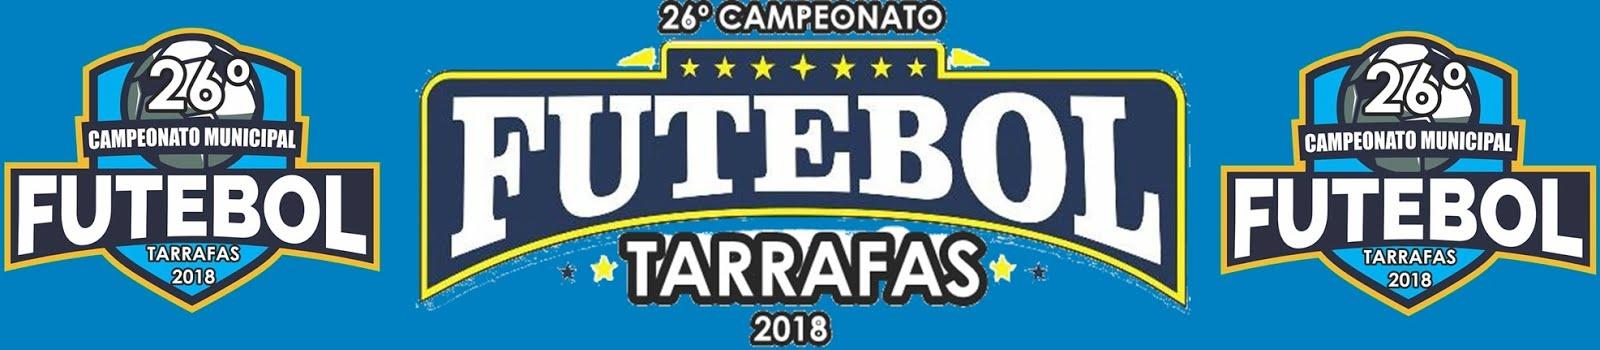 CAMPEONATO 2018